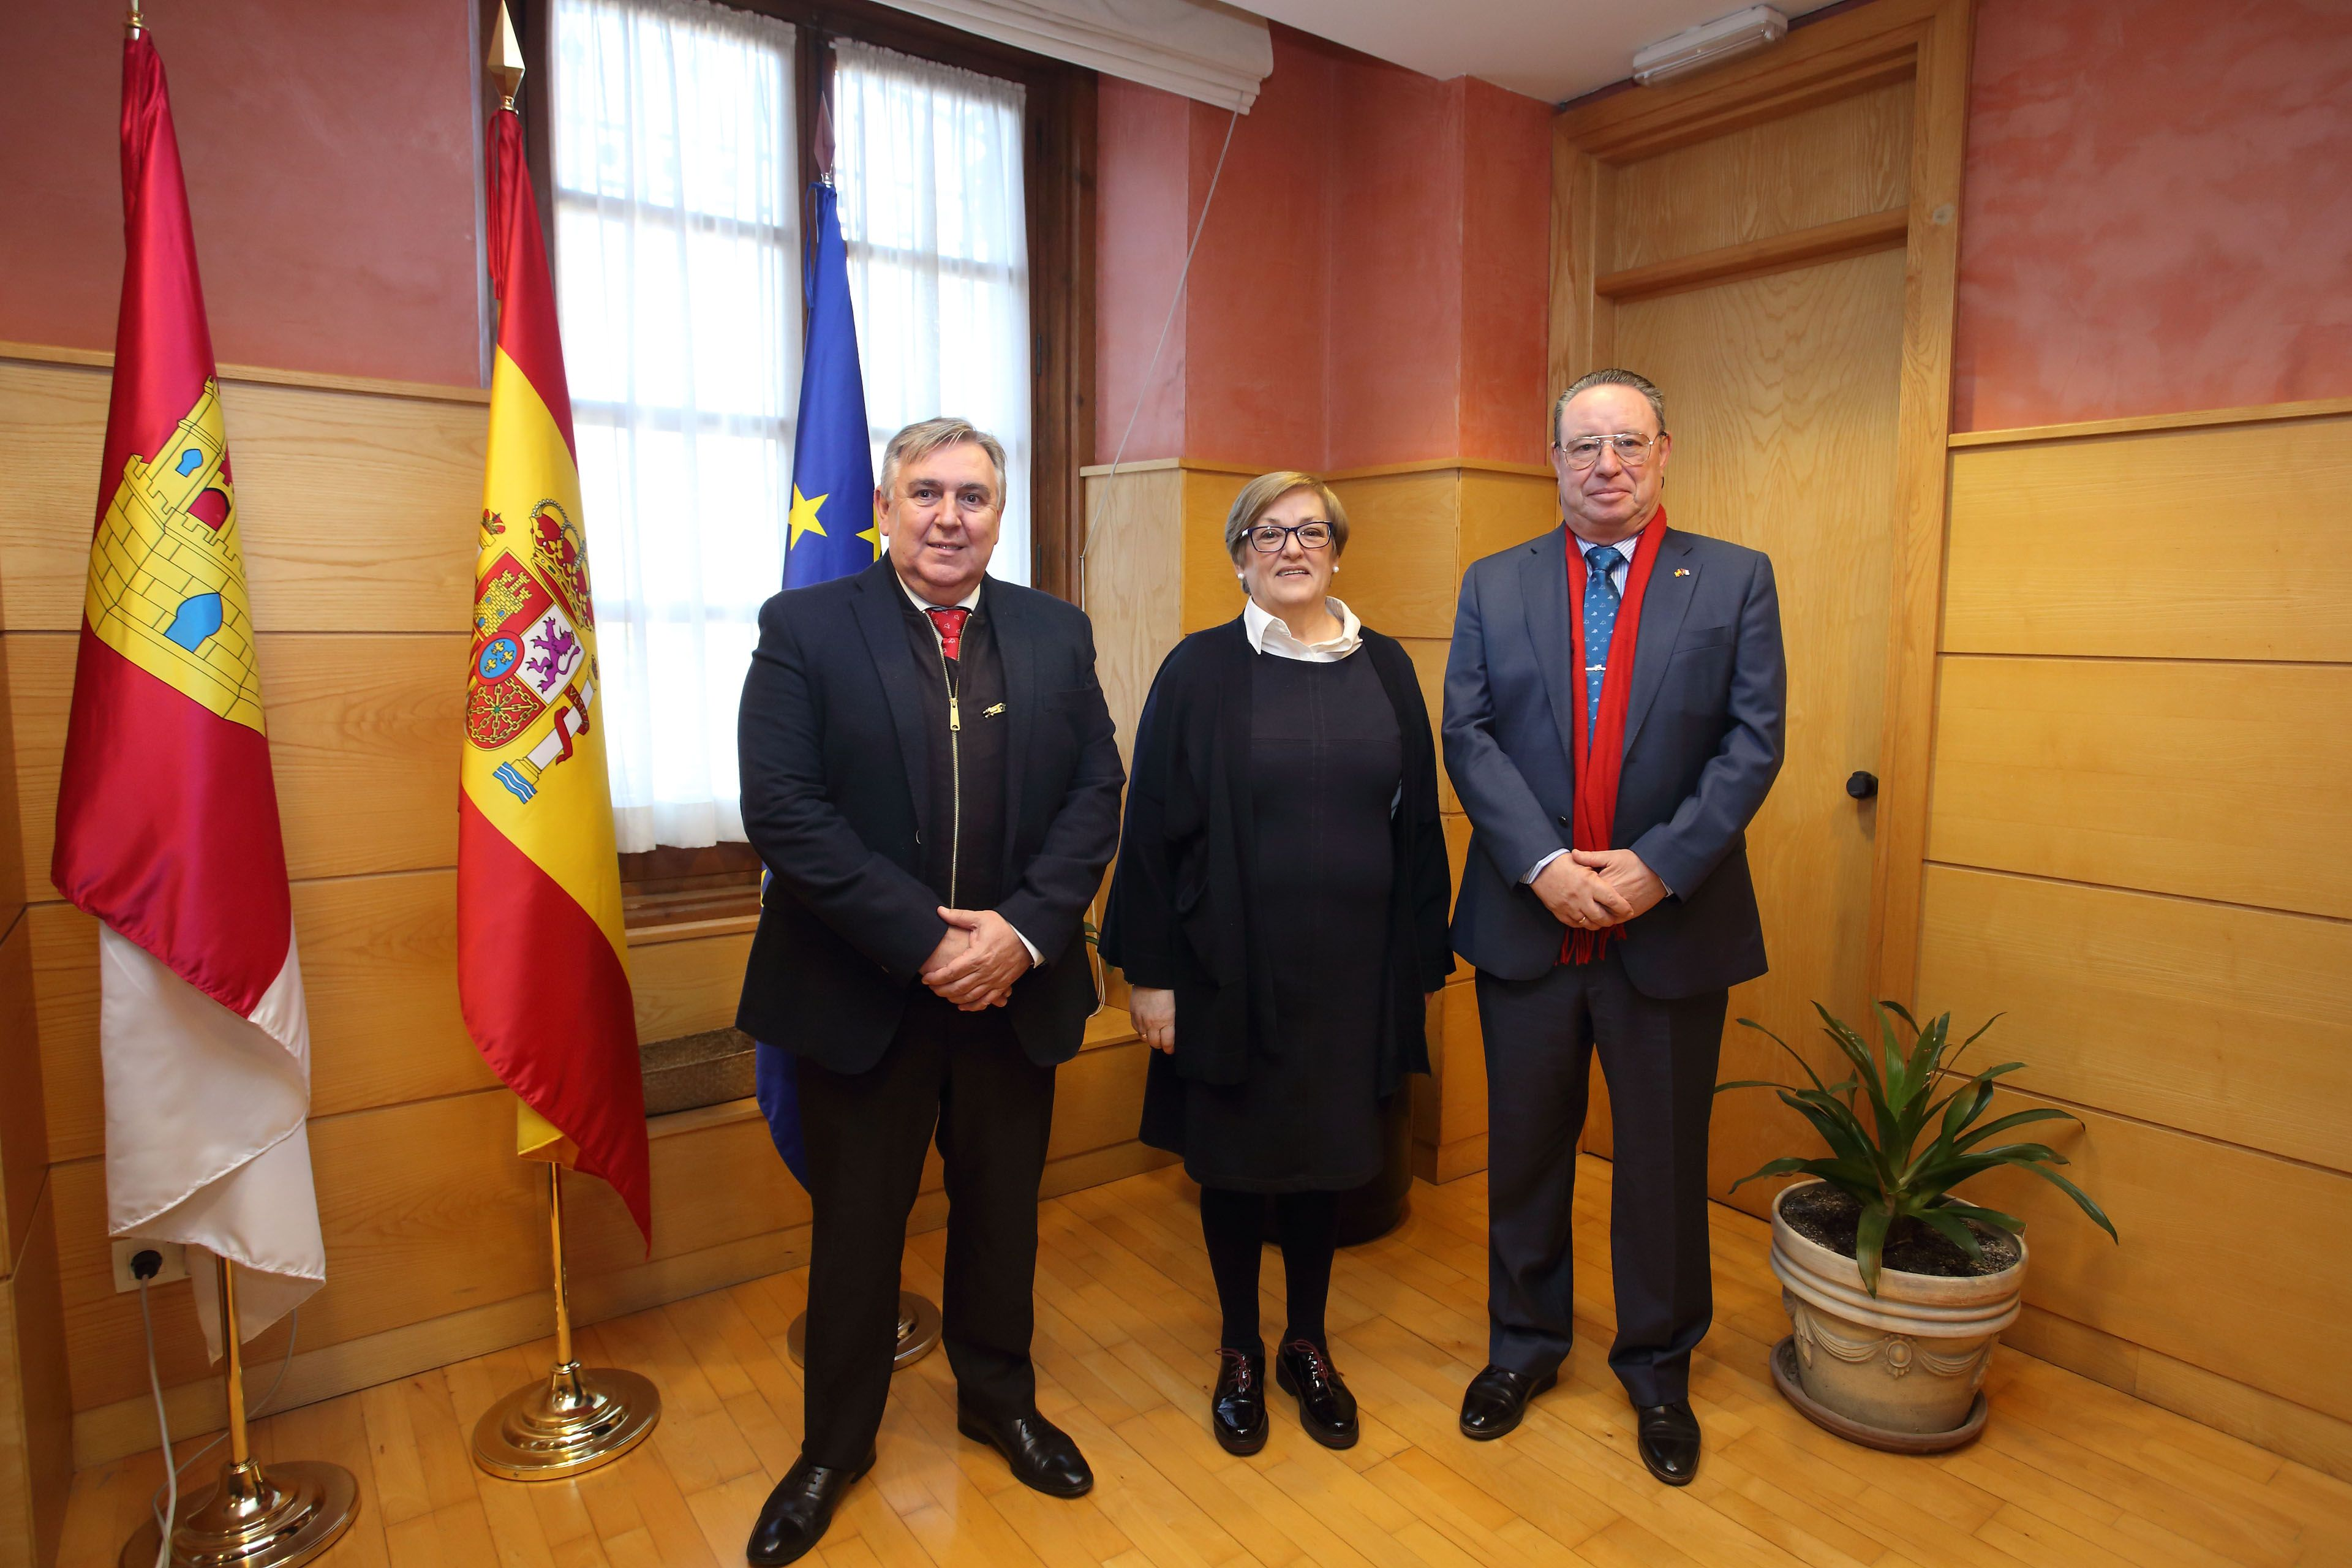 La viceconsejera de Relaciones Institucionales se reúne con los representantes de la Casa de Castilla-La Mancha de Sevilla